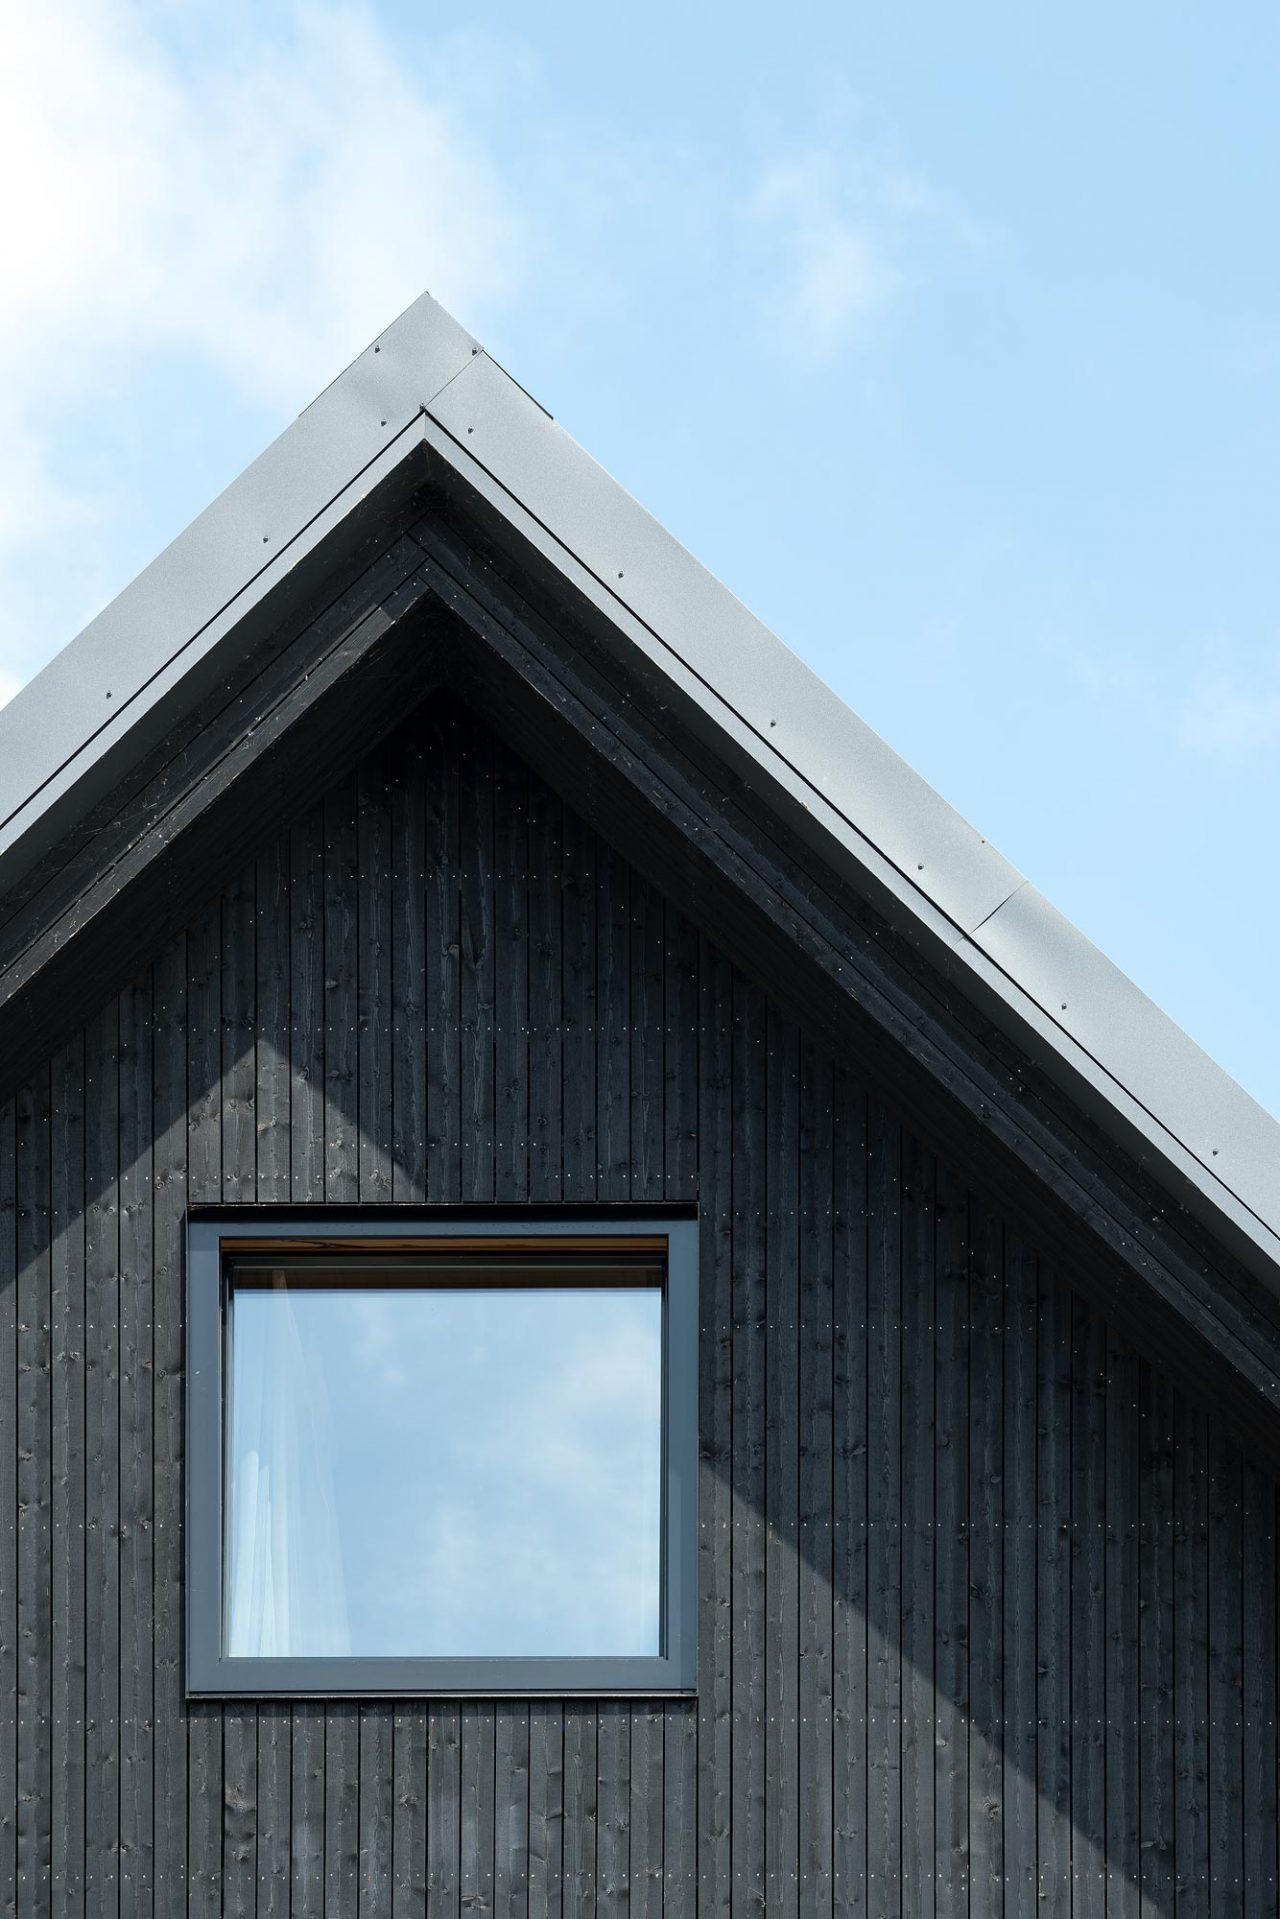 zwart houtskeletbouw huis met Scandinavische uitstraling